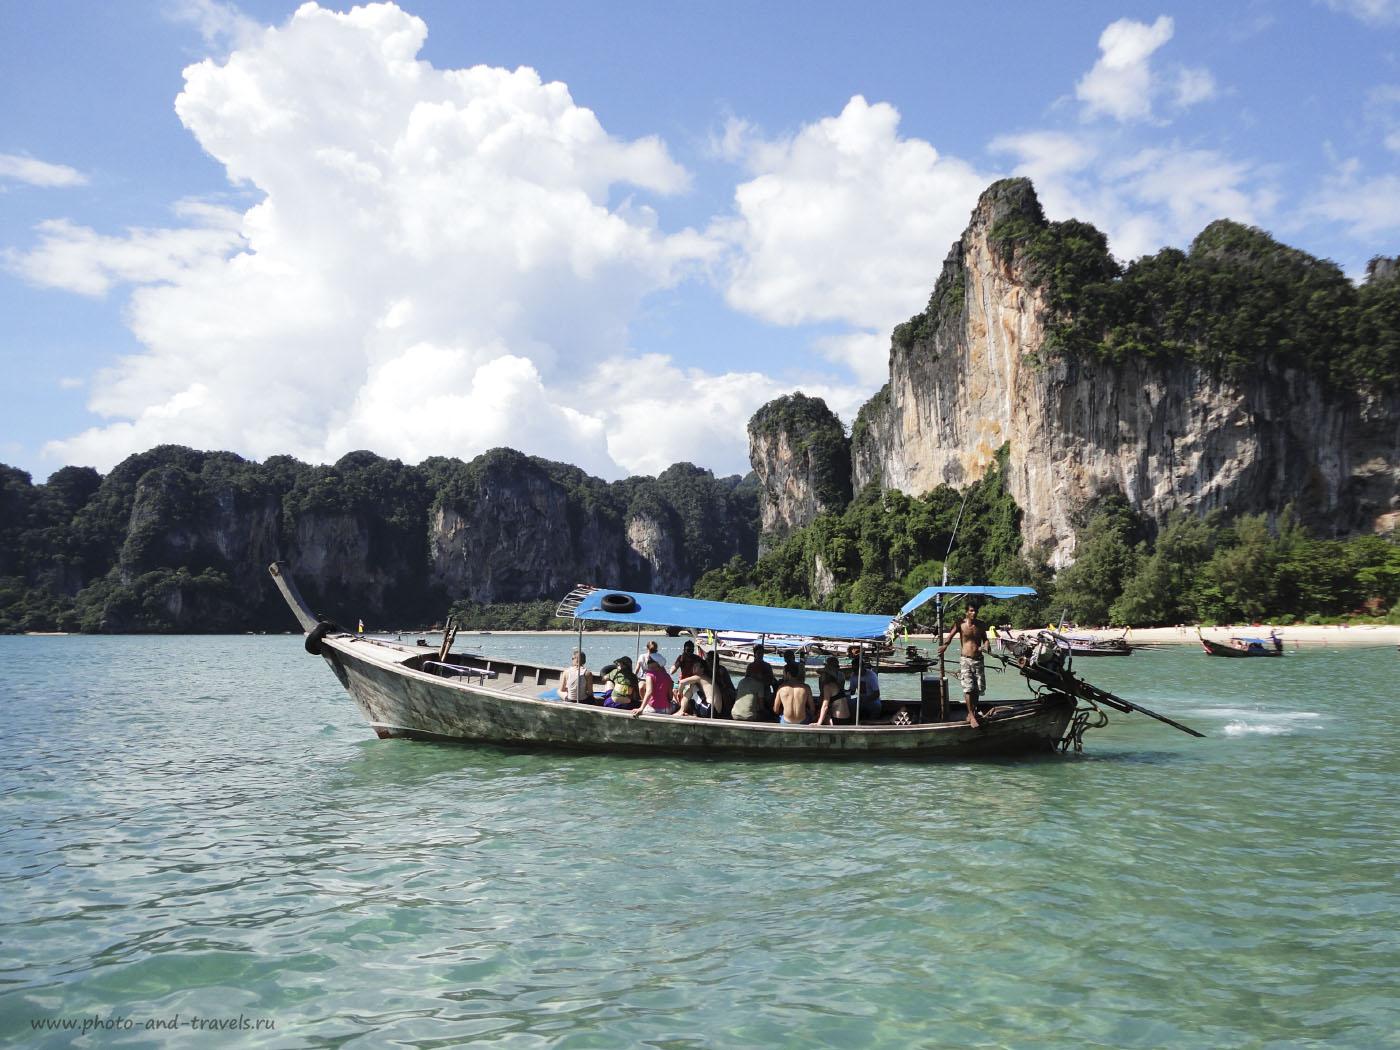 Фото 17. Как поехать в Краби самостоятельно. Сюда, кстати, относительно недалеко добираться с острова Пхукет. Если окажется, что билет на Phuket дешевле, тогда летите на этот курорт, потом садитесь на автобус и за 4 часа доберетесь до Krabi Town.